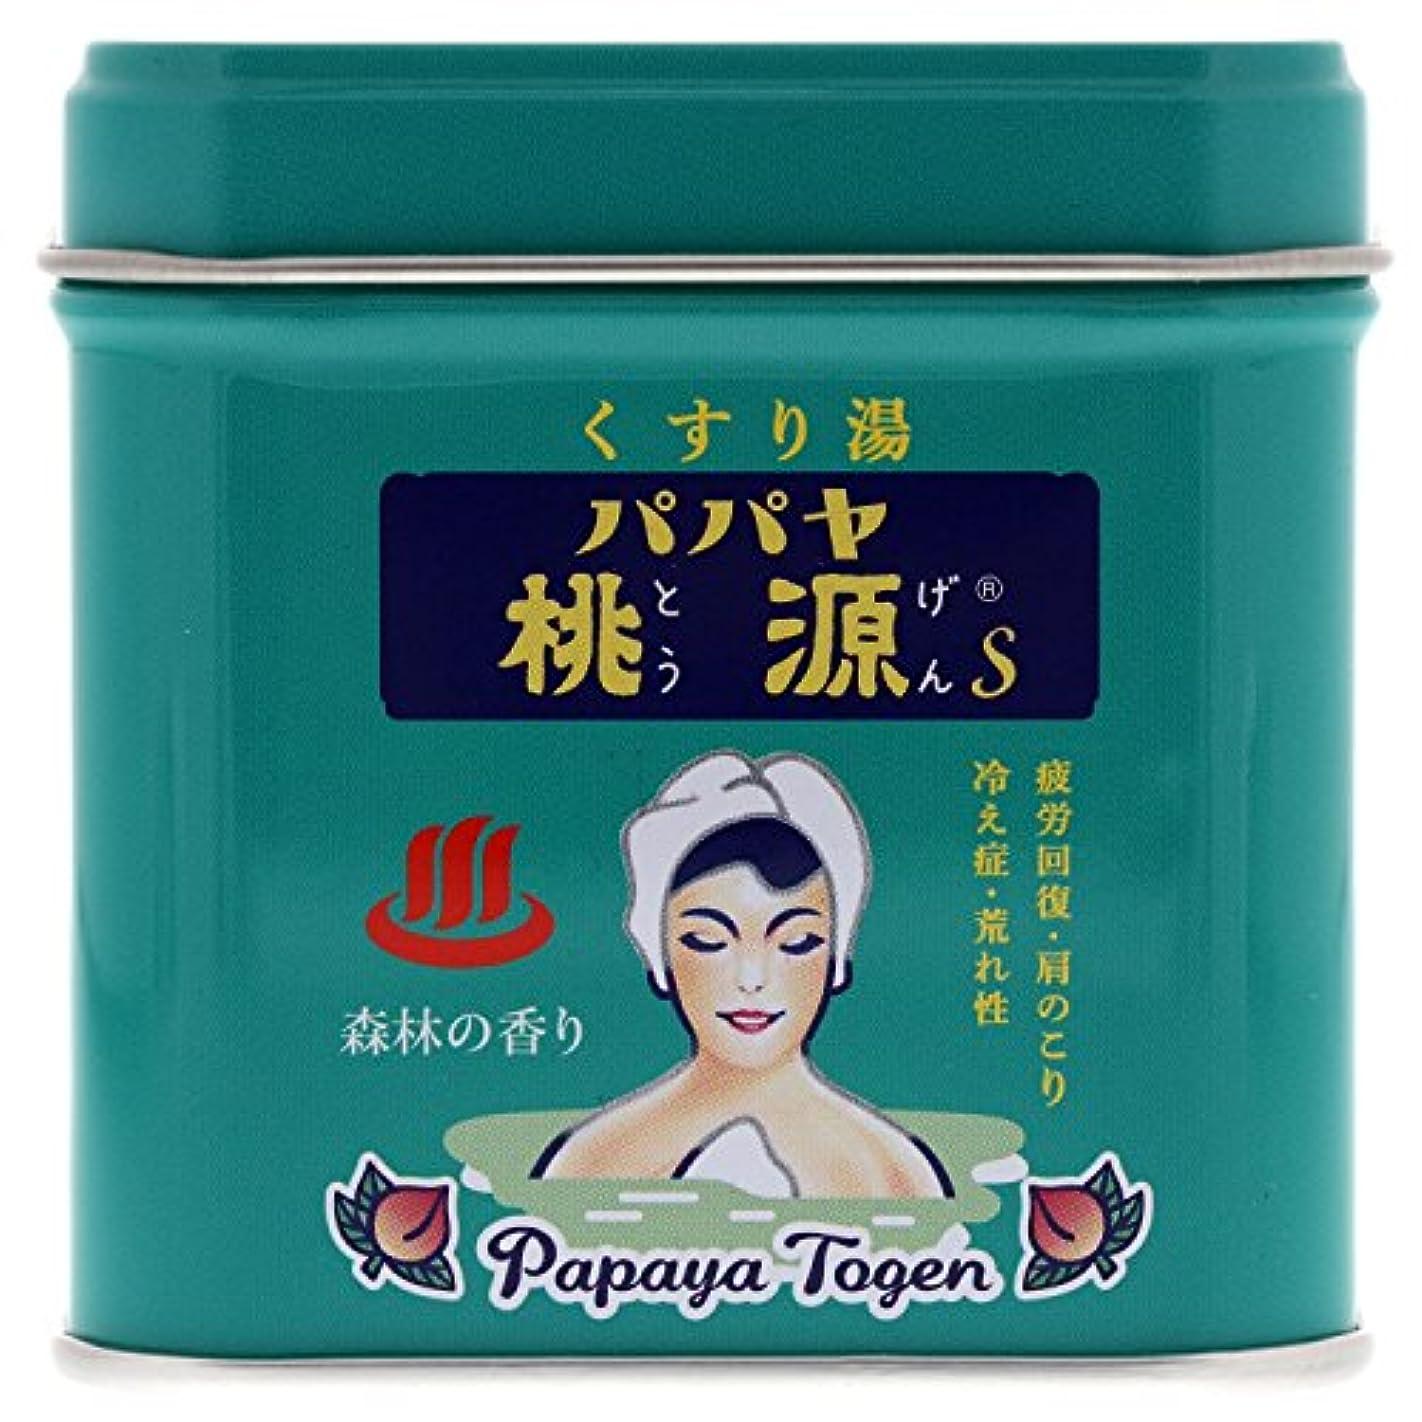 モネ農業事務所パパヤ桃源S 70g缶 森林の香り [医薬部外品]